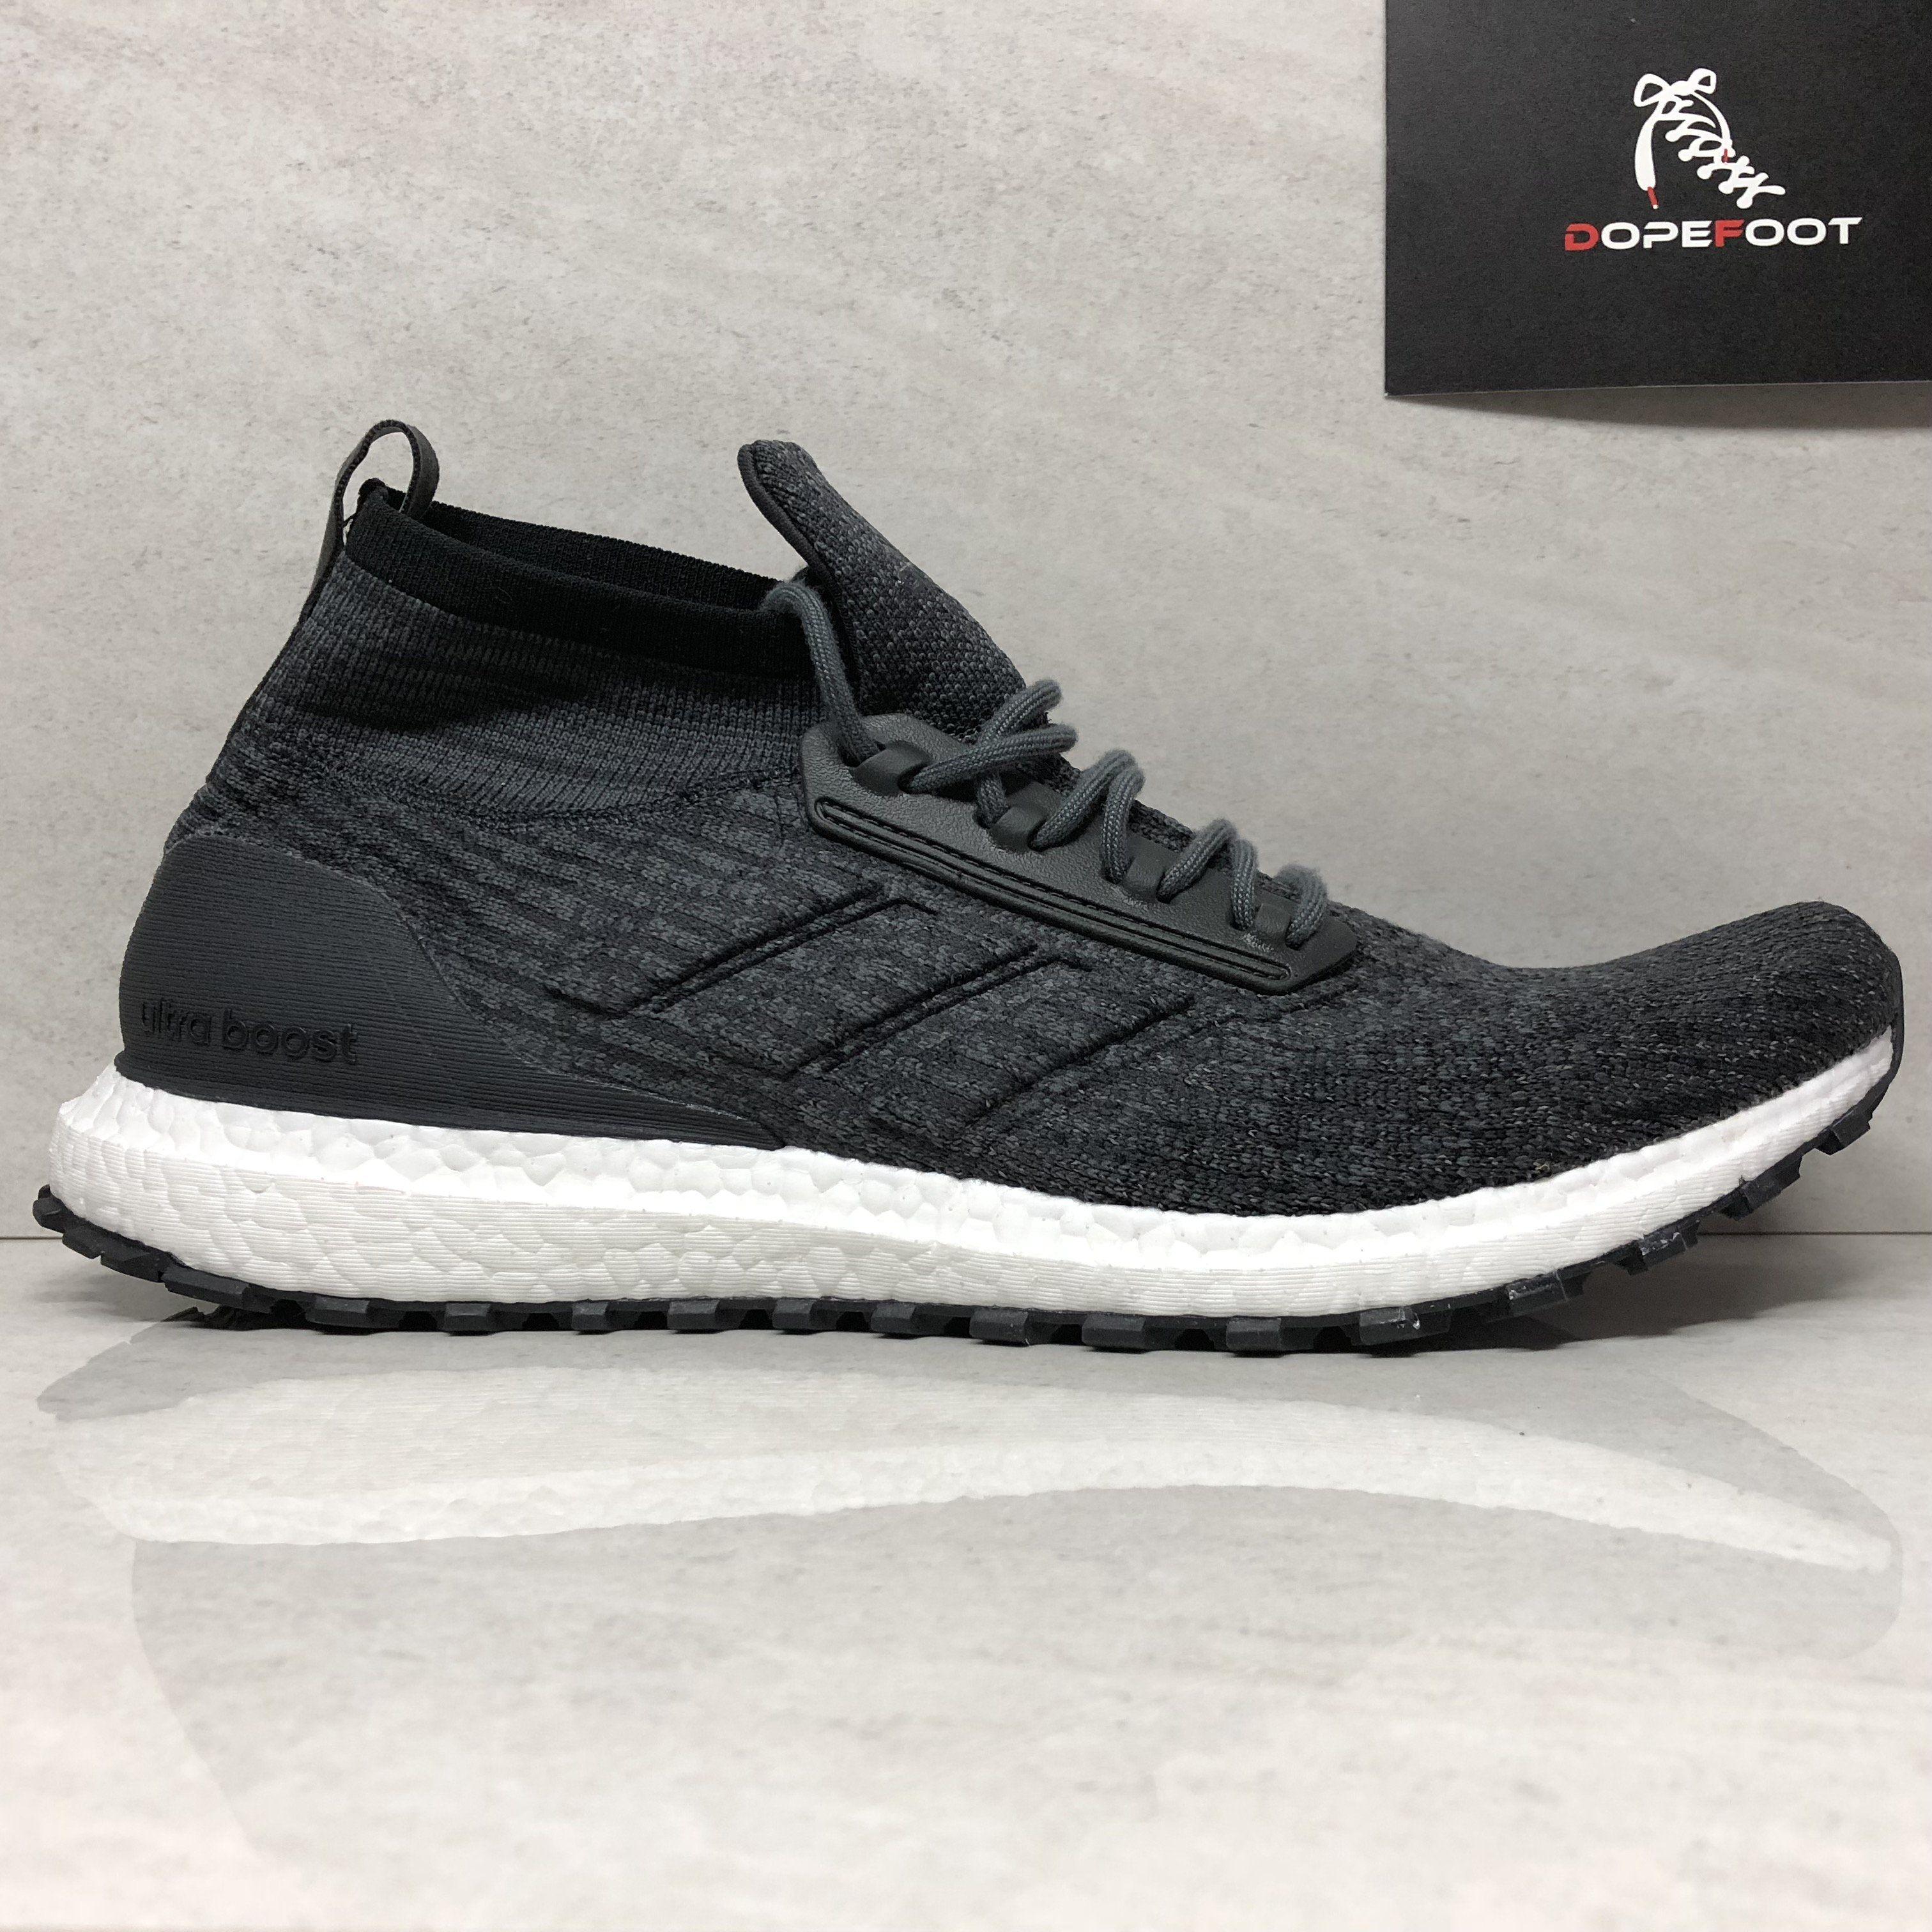 712153221 DS Adidas Ultraboost All Terrain LTD Size 13 Black BB6218